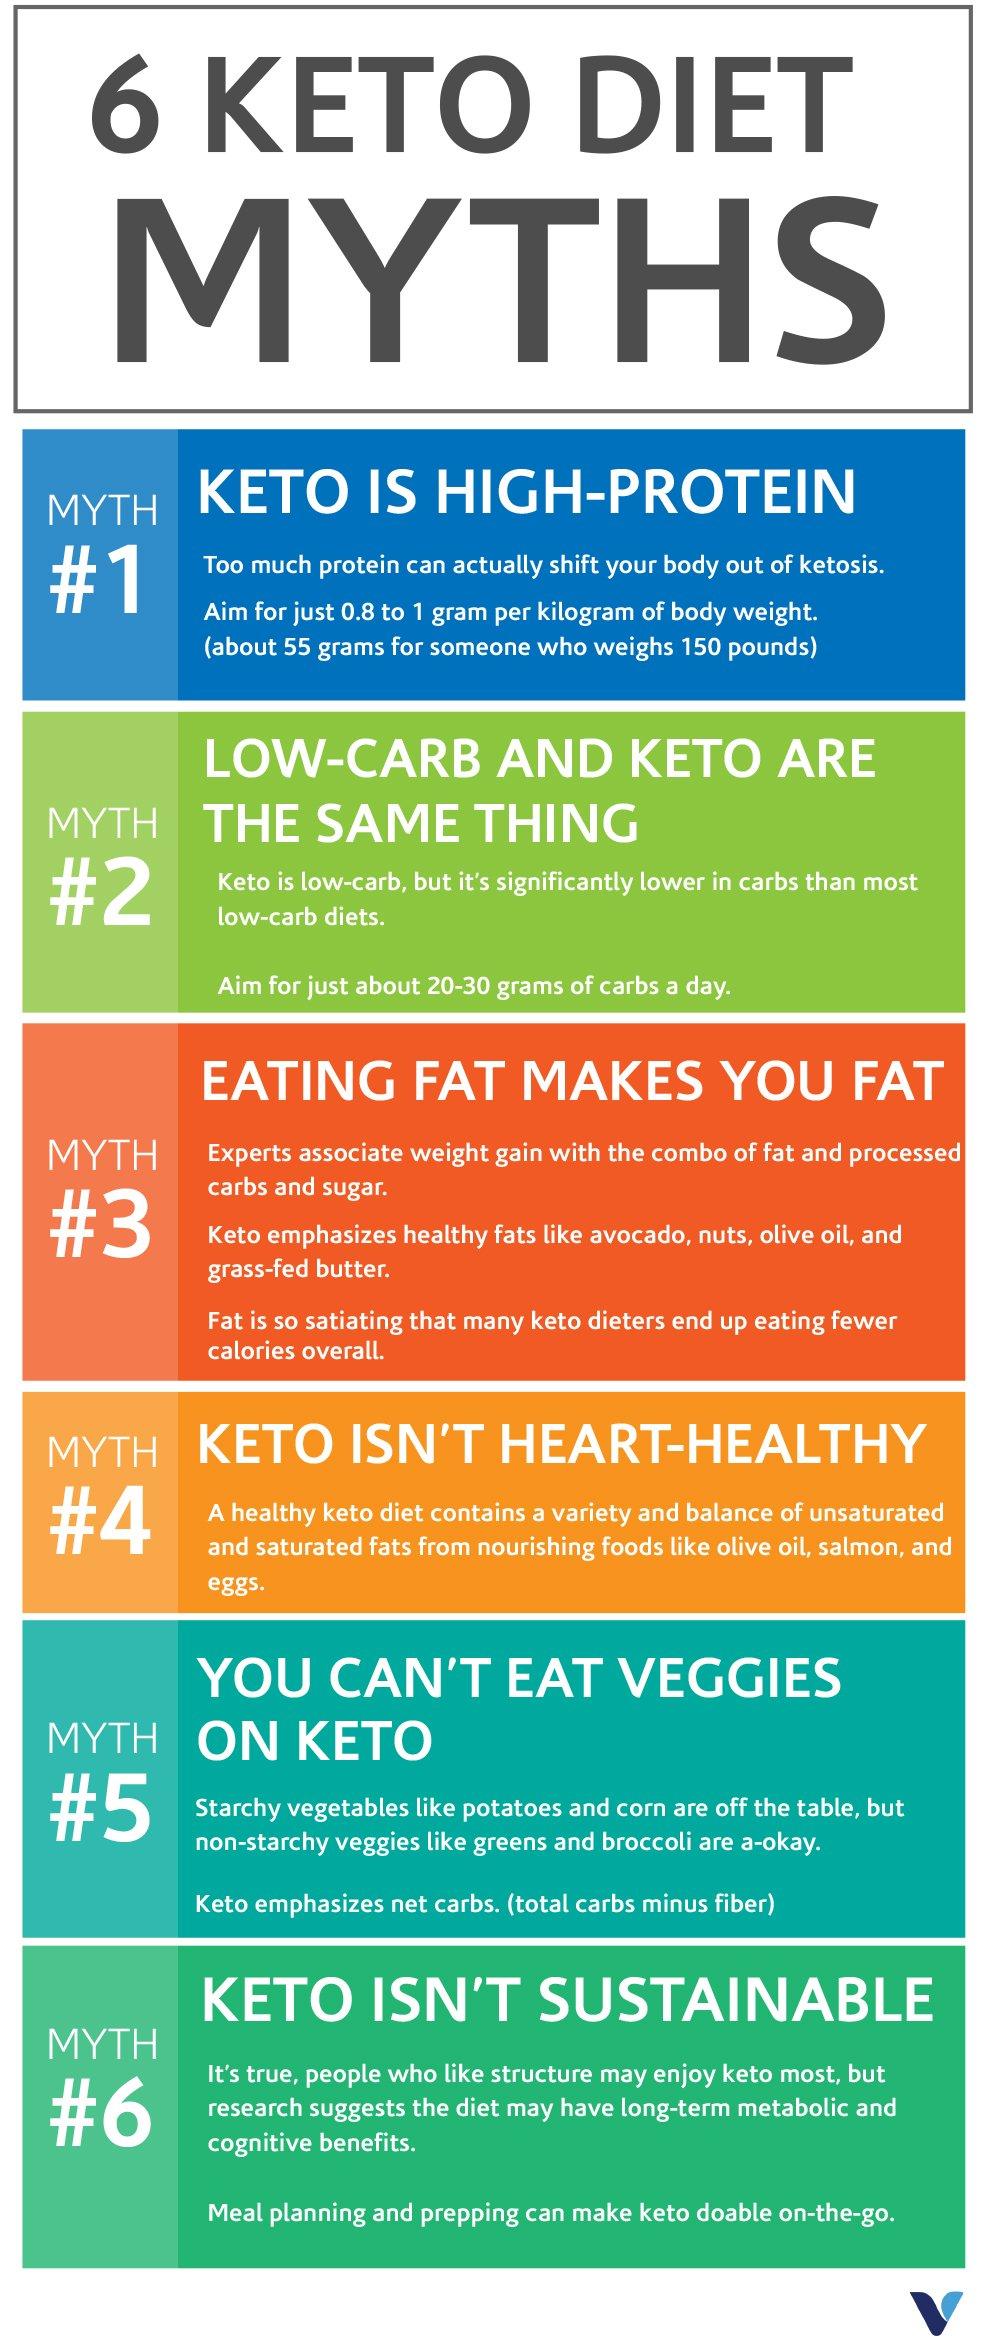 keto diet full of myths